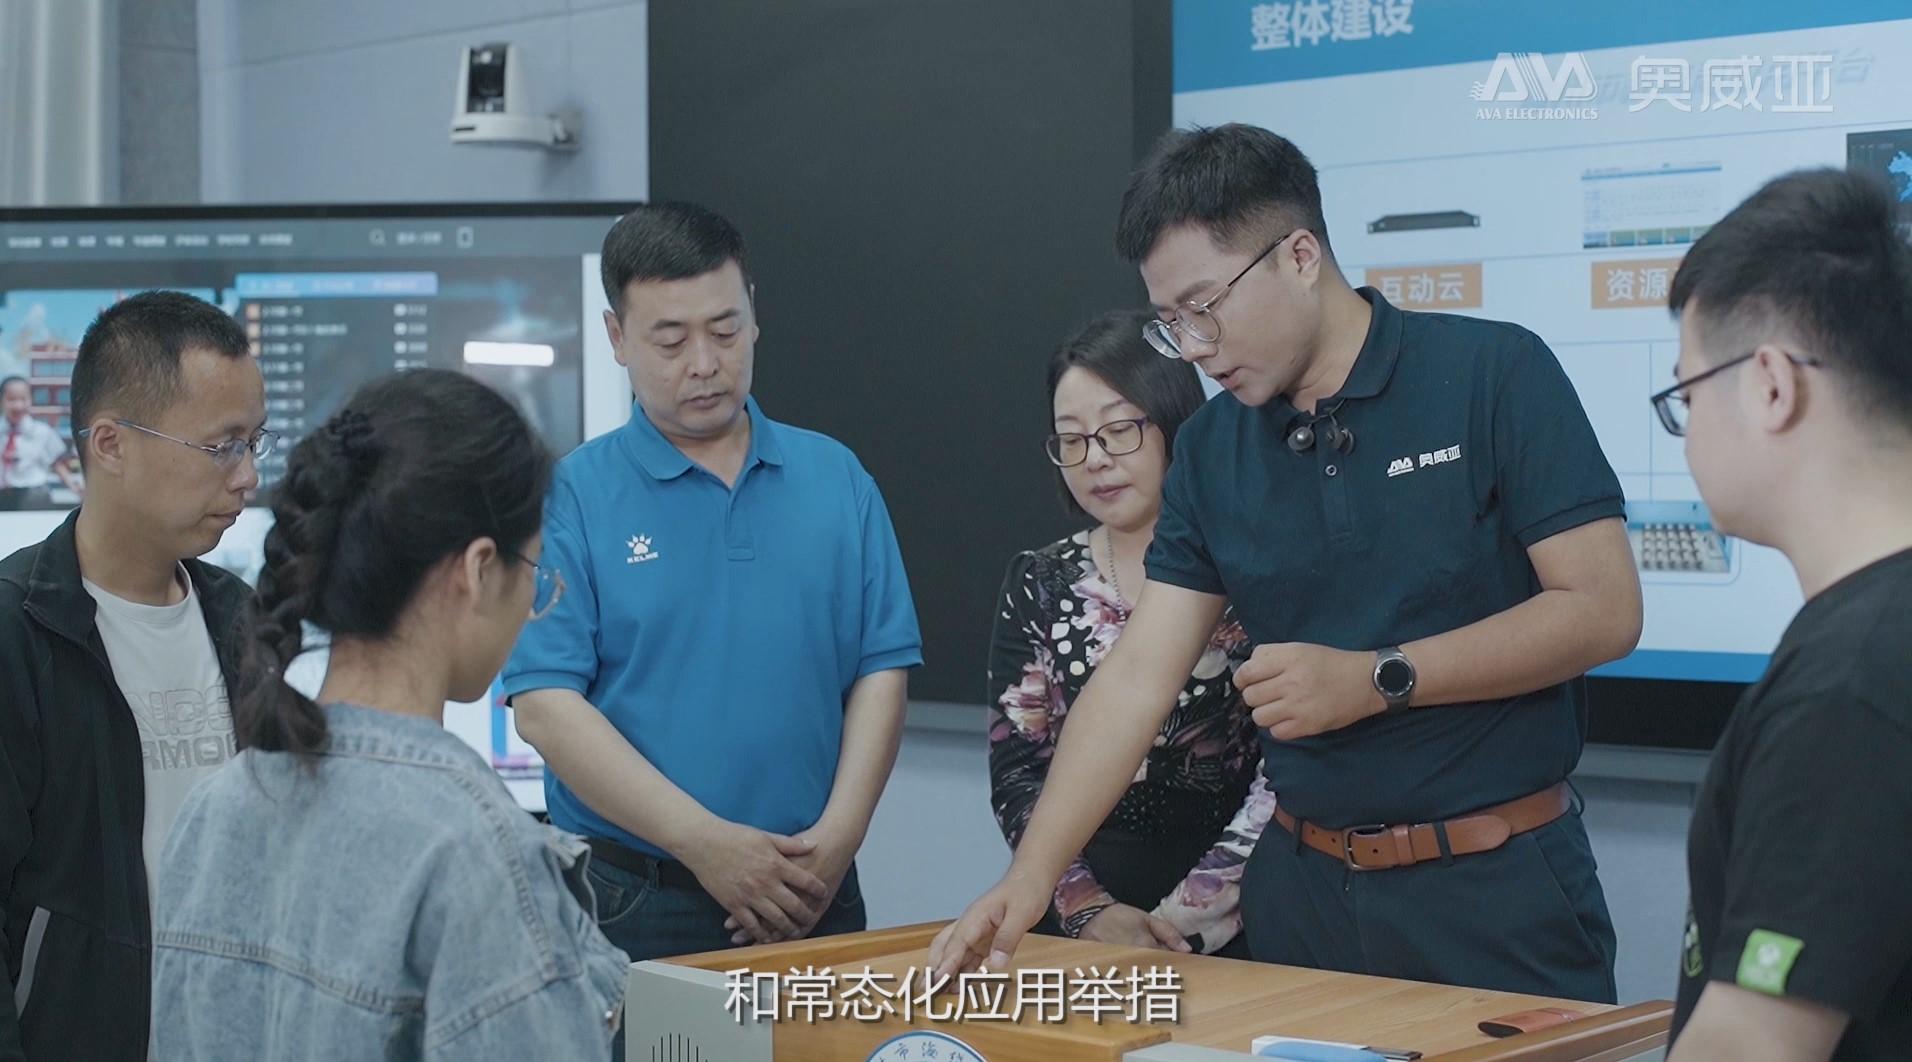 青州教体局区域应用案例